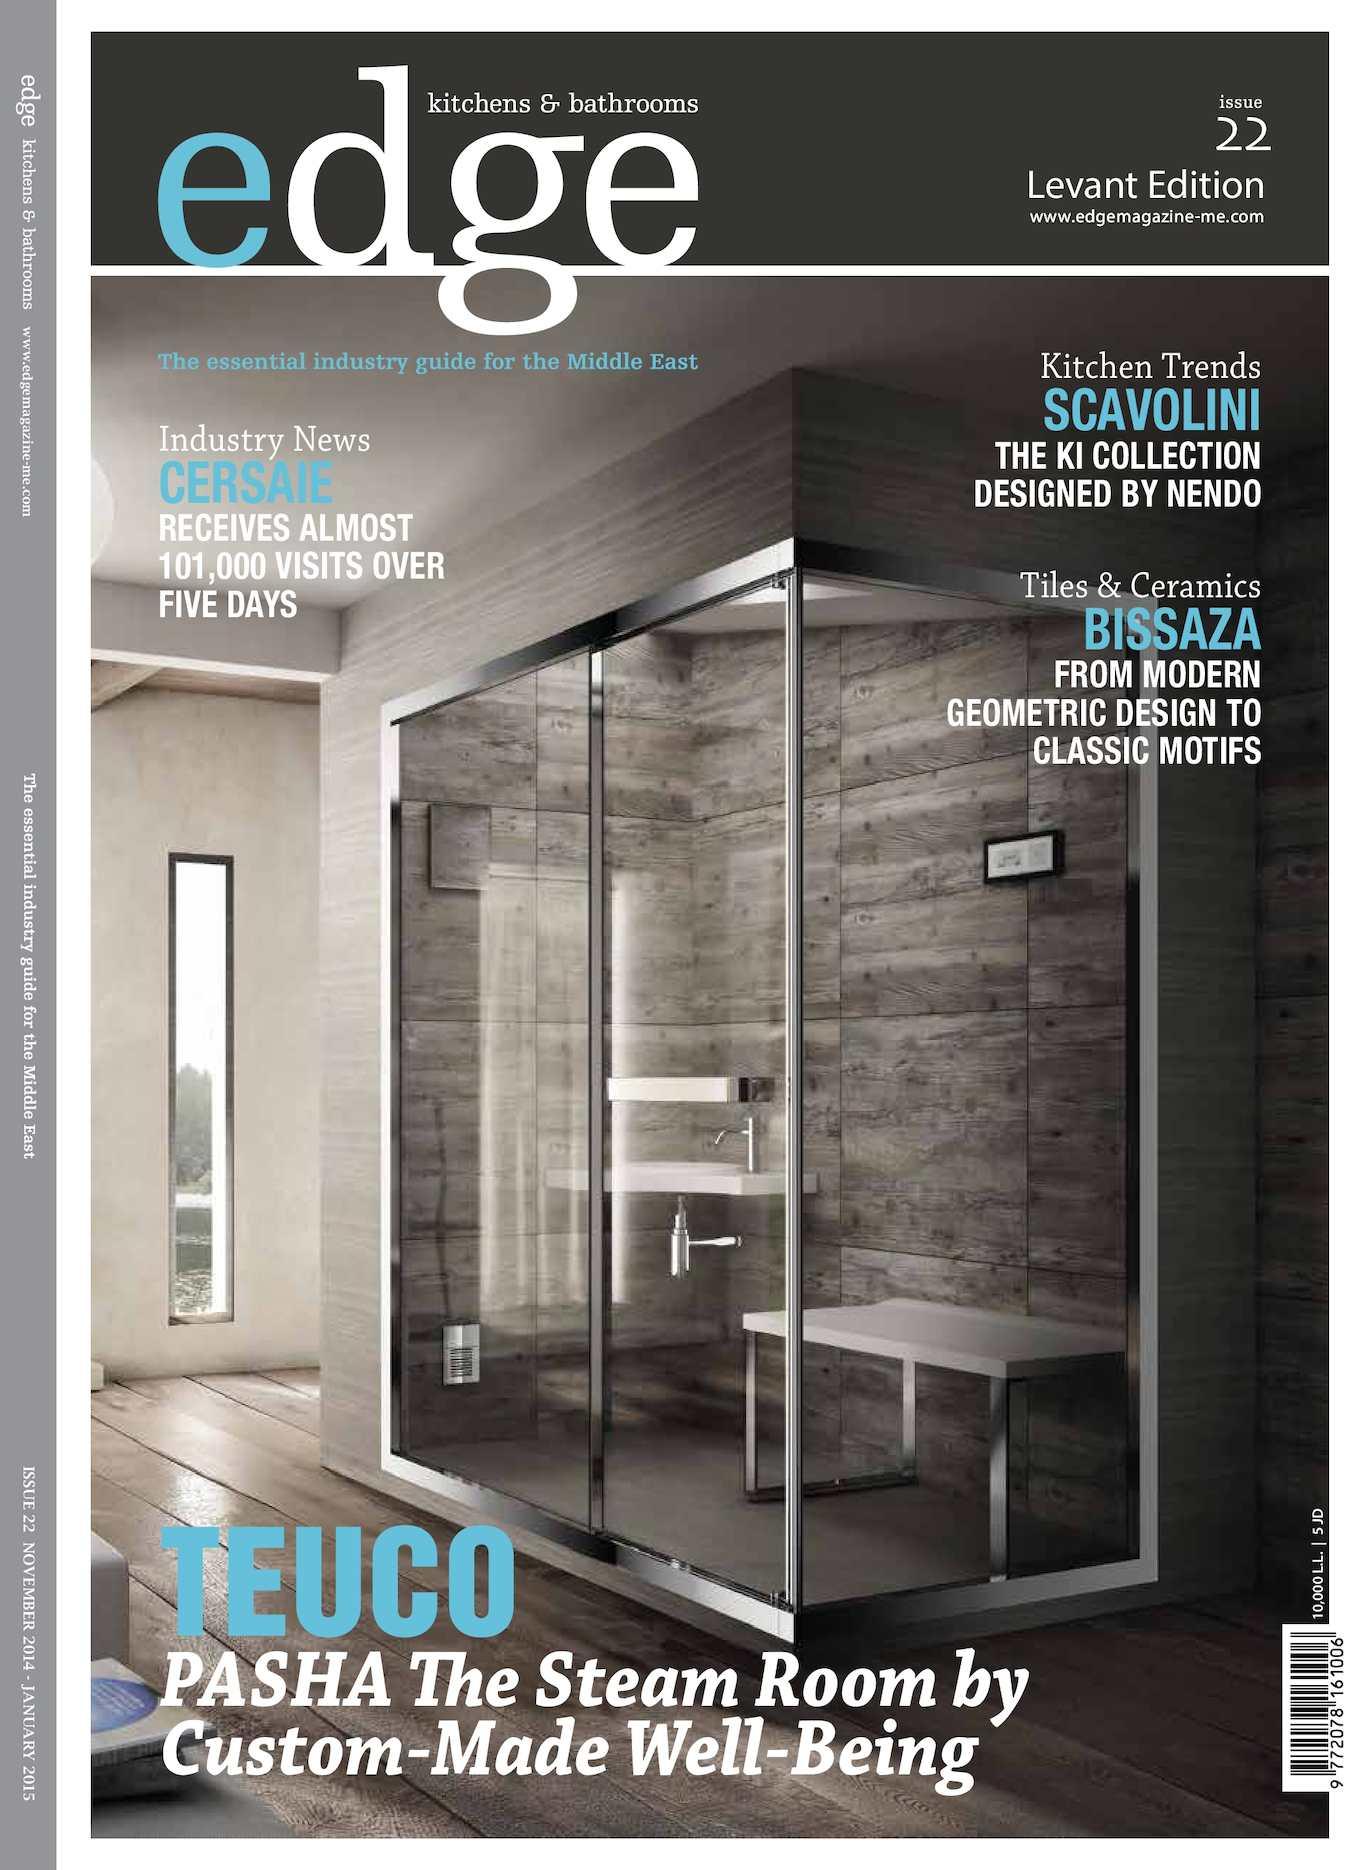 Edge Levant Nov2014 Issue22